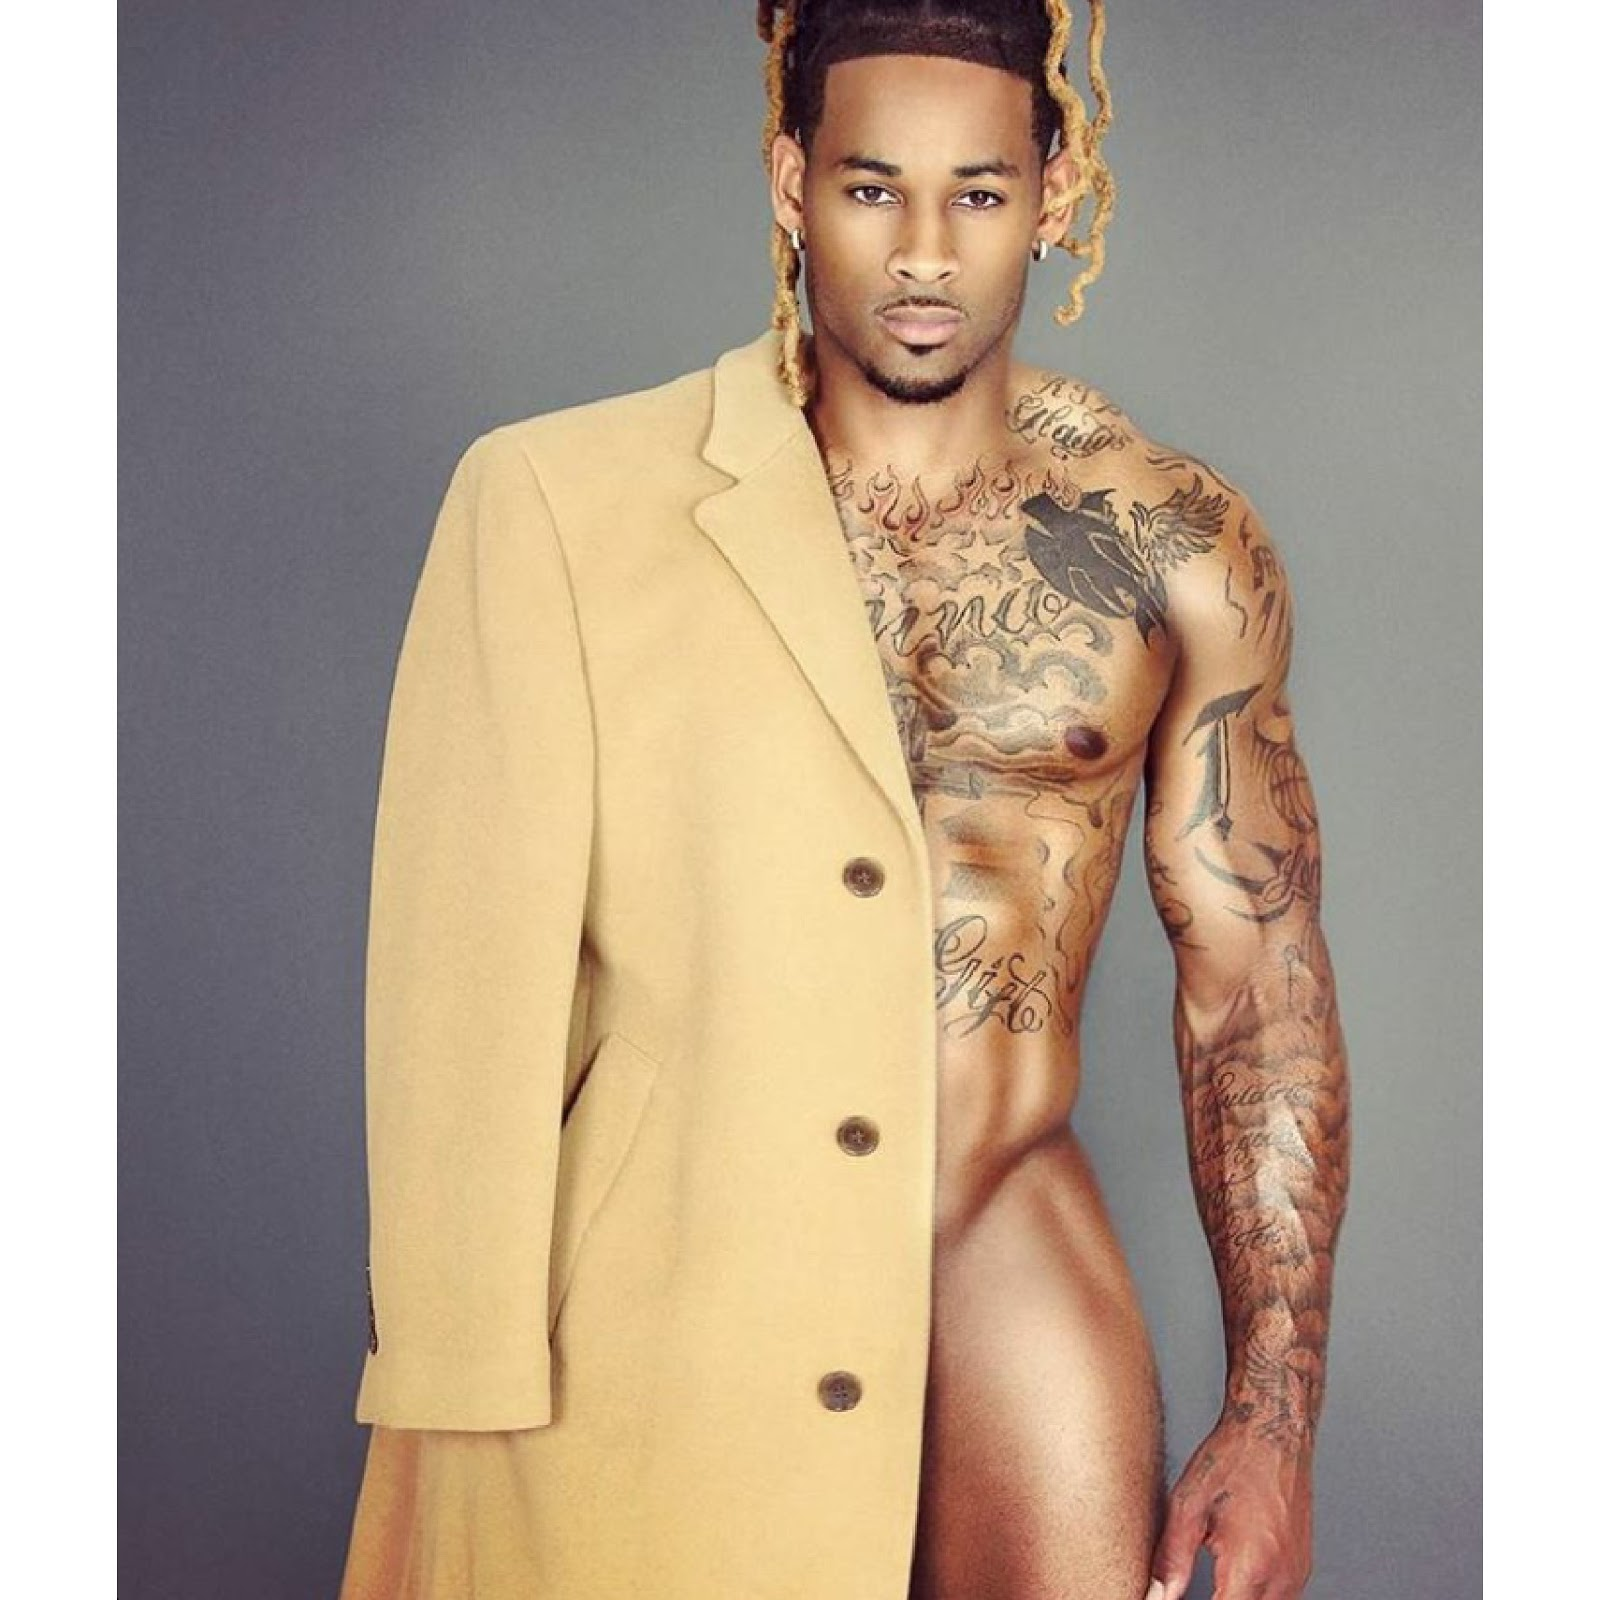 Jamaican Men Nude 47